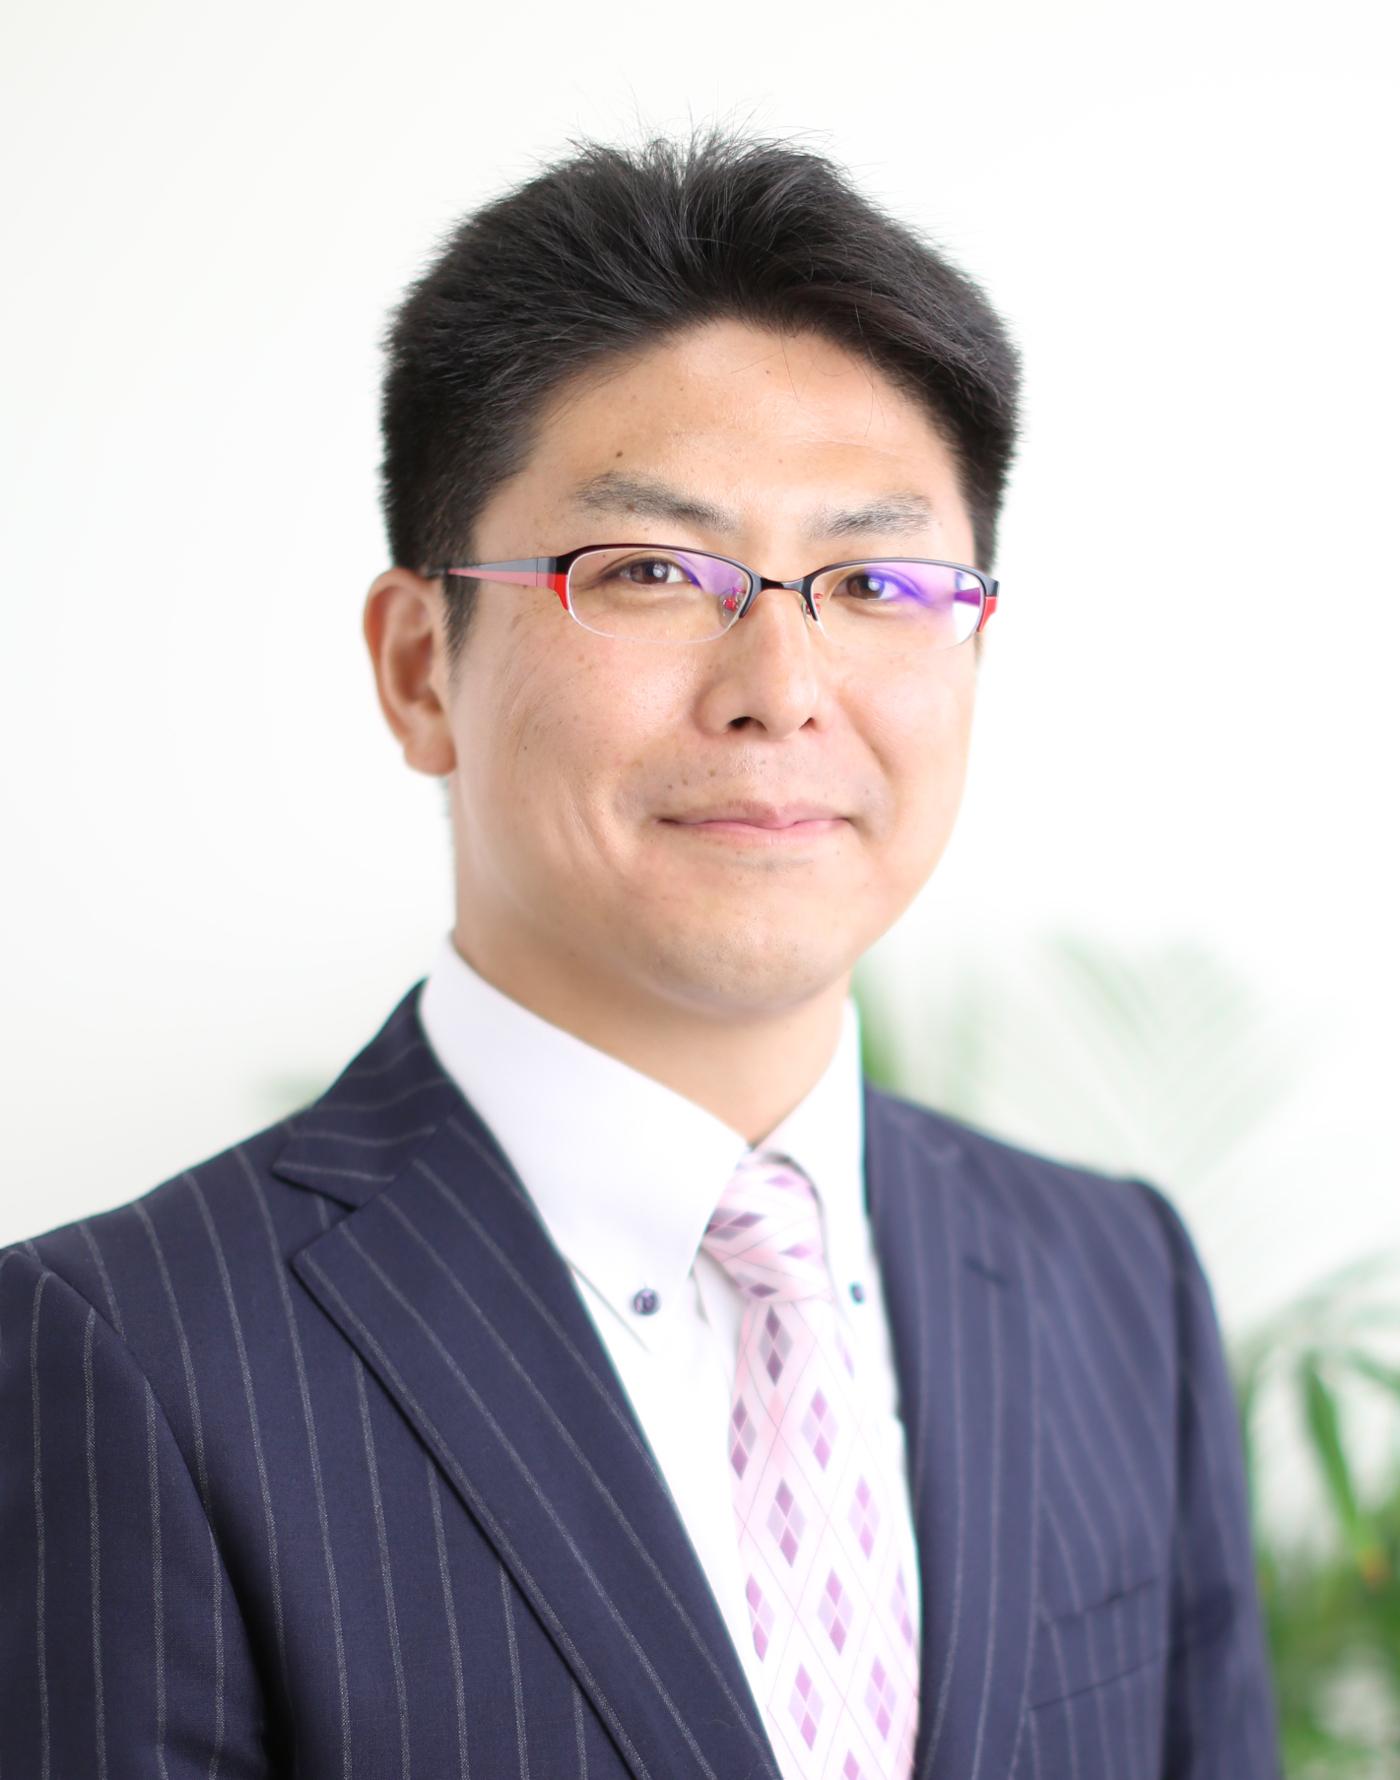 桜井俊輔 セミナー プレゼン資料